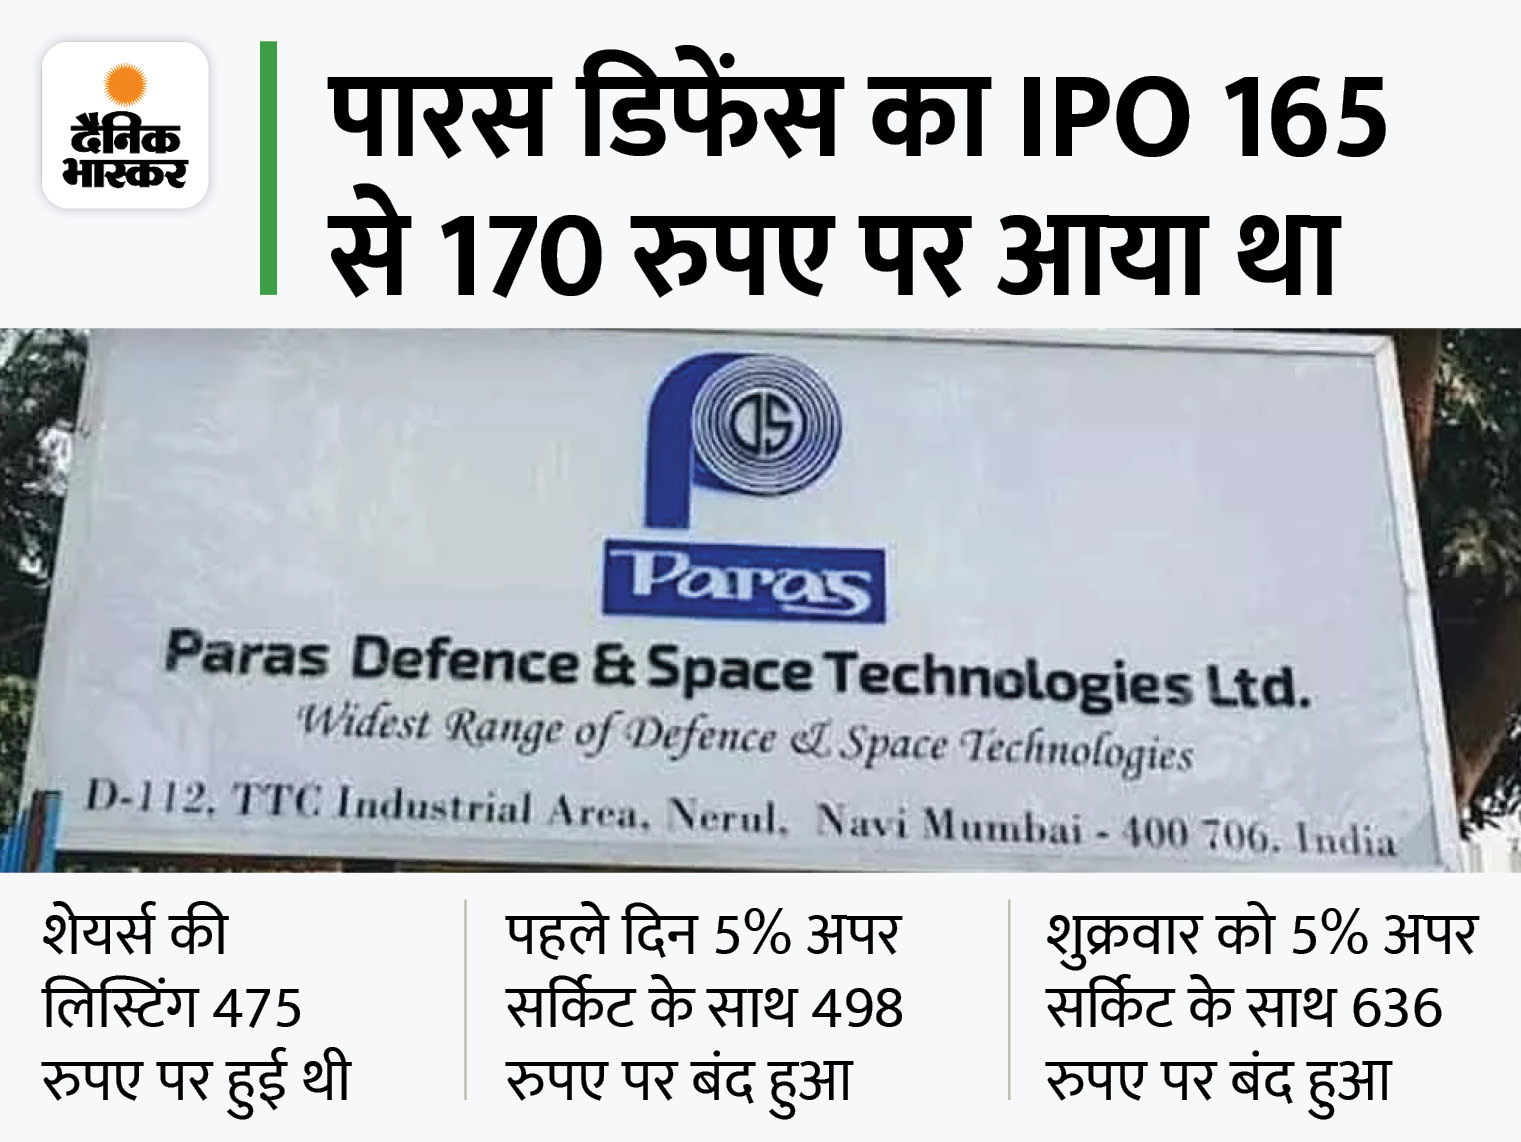 पारस डिफेंस का शेयर हर दिन अपर सर्किट के साथ बंद, IPO के बाद किसी कंपनी में ऐसा पहली बार हुआ|बिजनेस,Business - Dainik Bhaskar